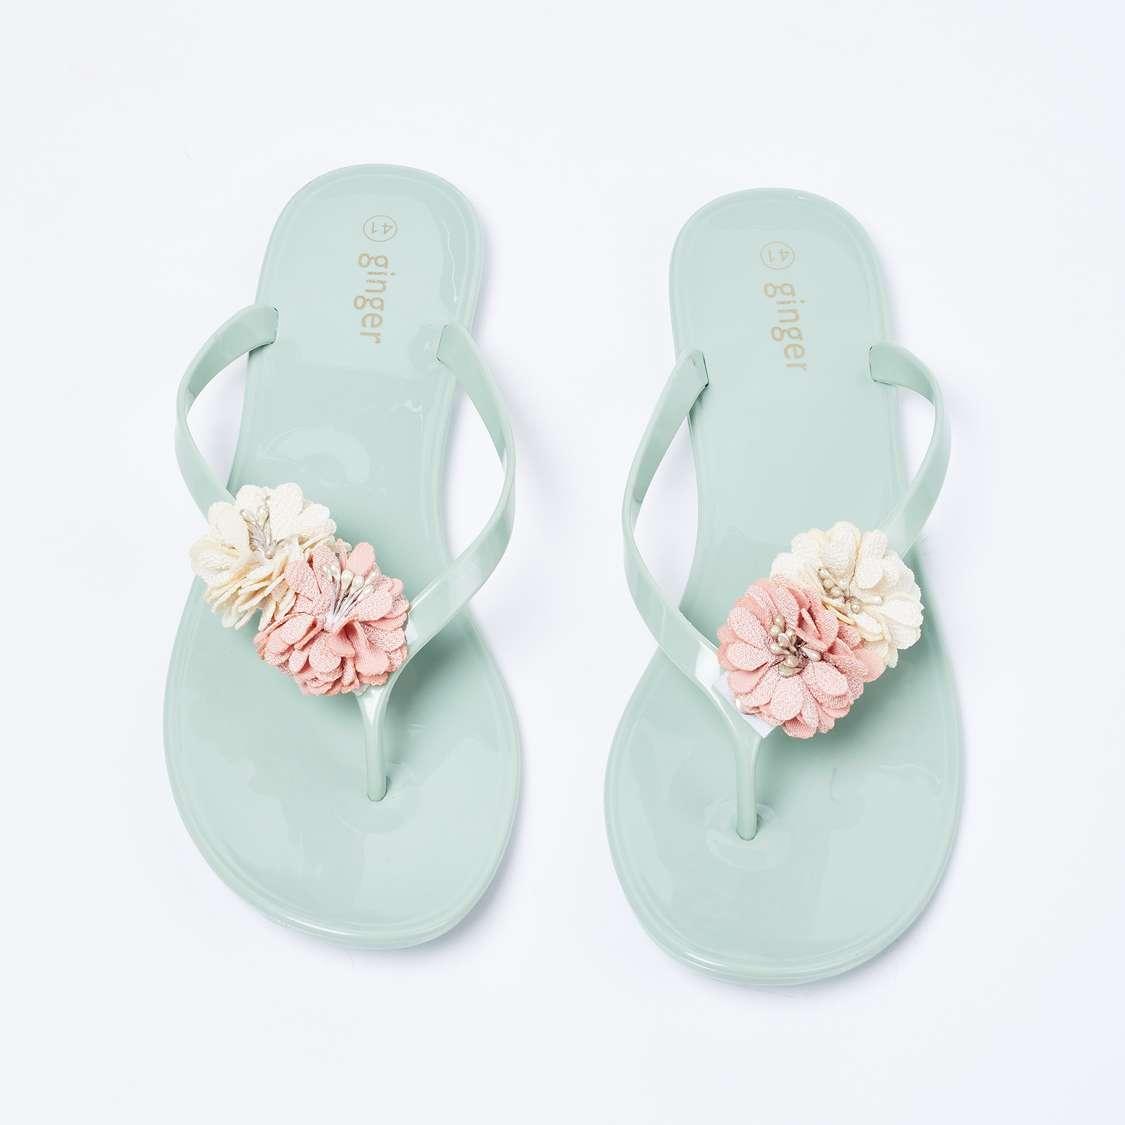 Floral Embellished Slippers